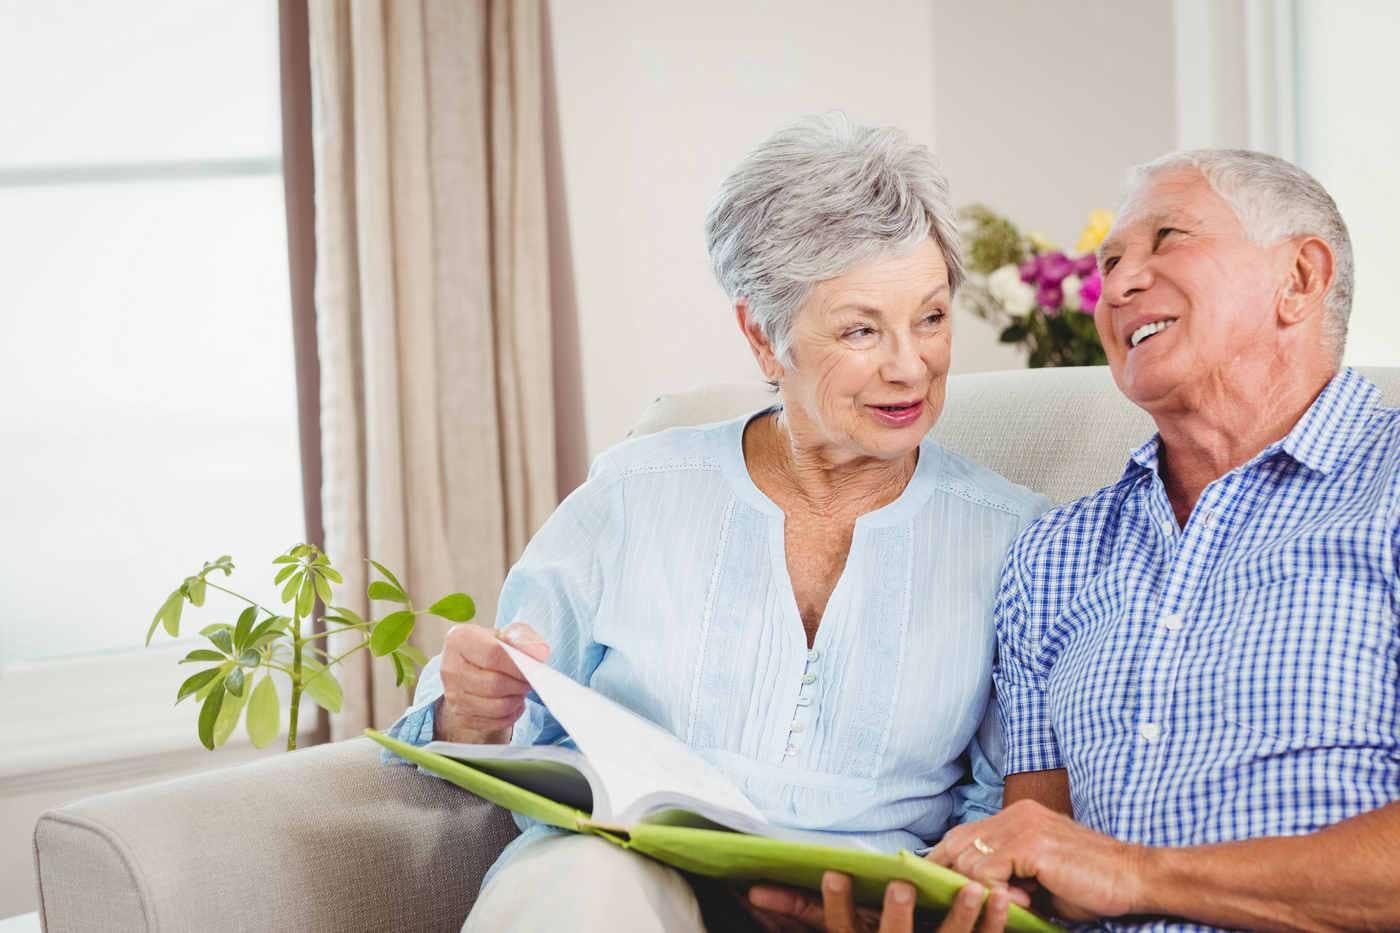 Cum se modifică organismul pe măsură ce înaintezi în vârstă